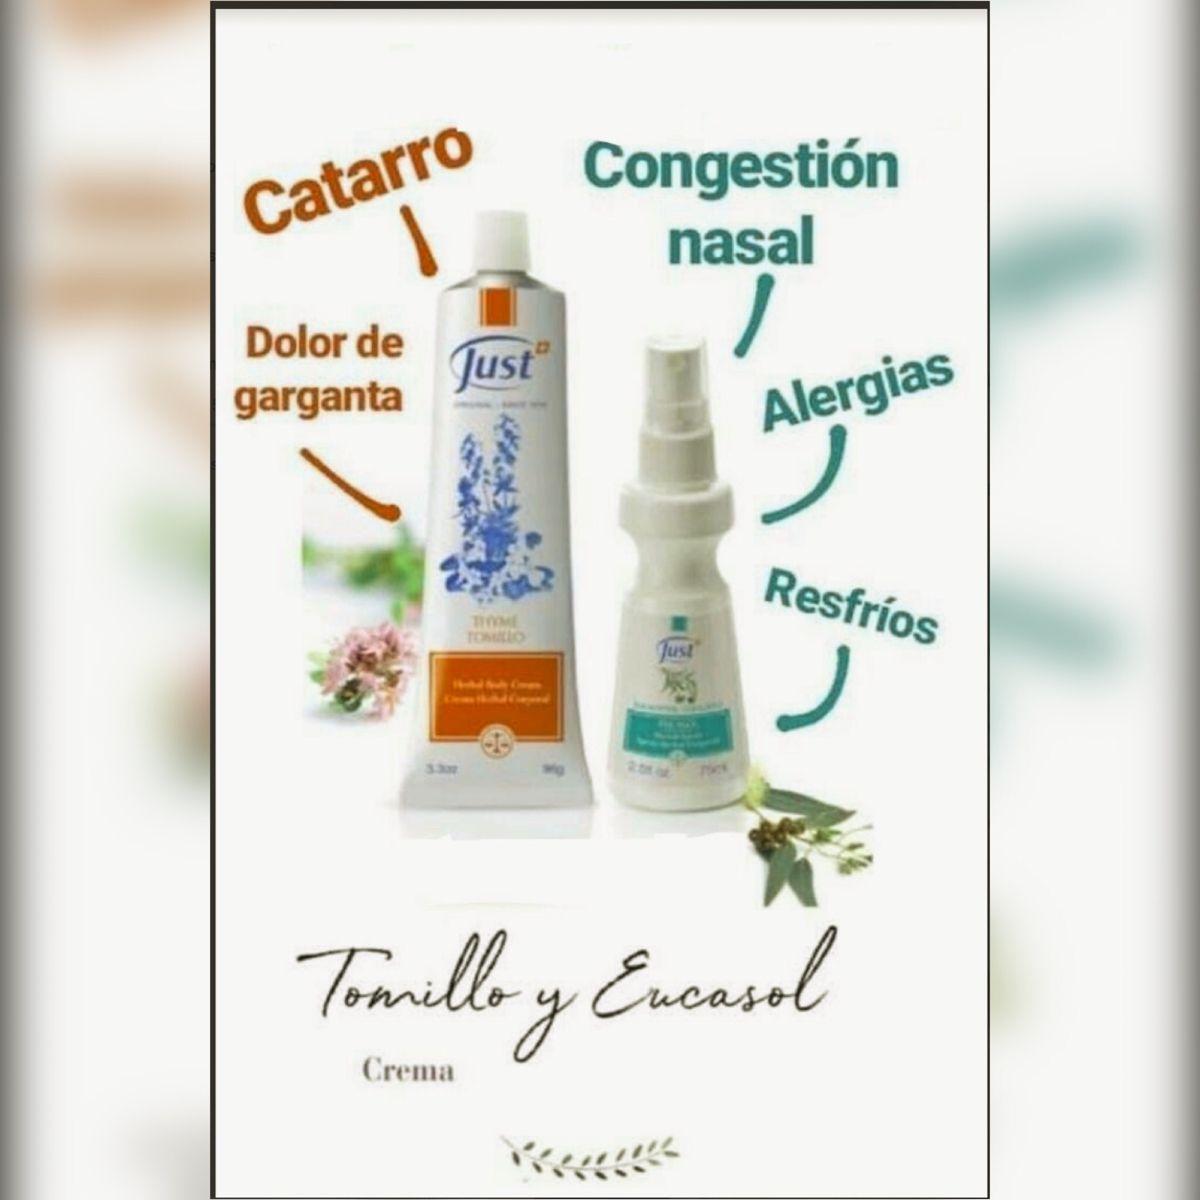 Eucasol Y Tomillo Just Productos Consejos Para La Salud Aceites Just